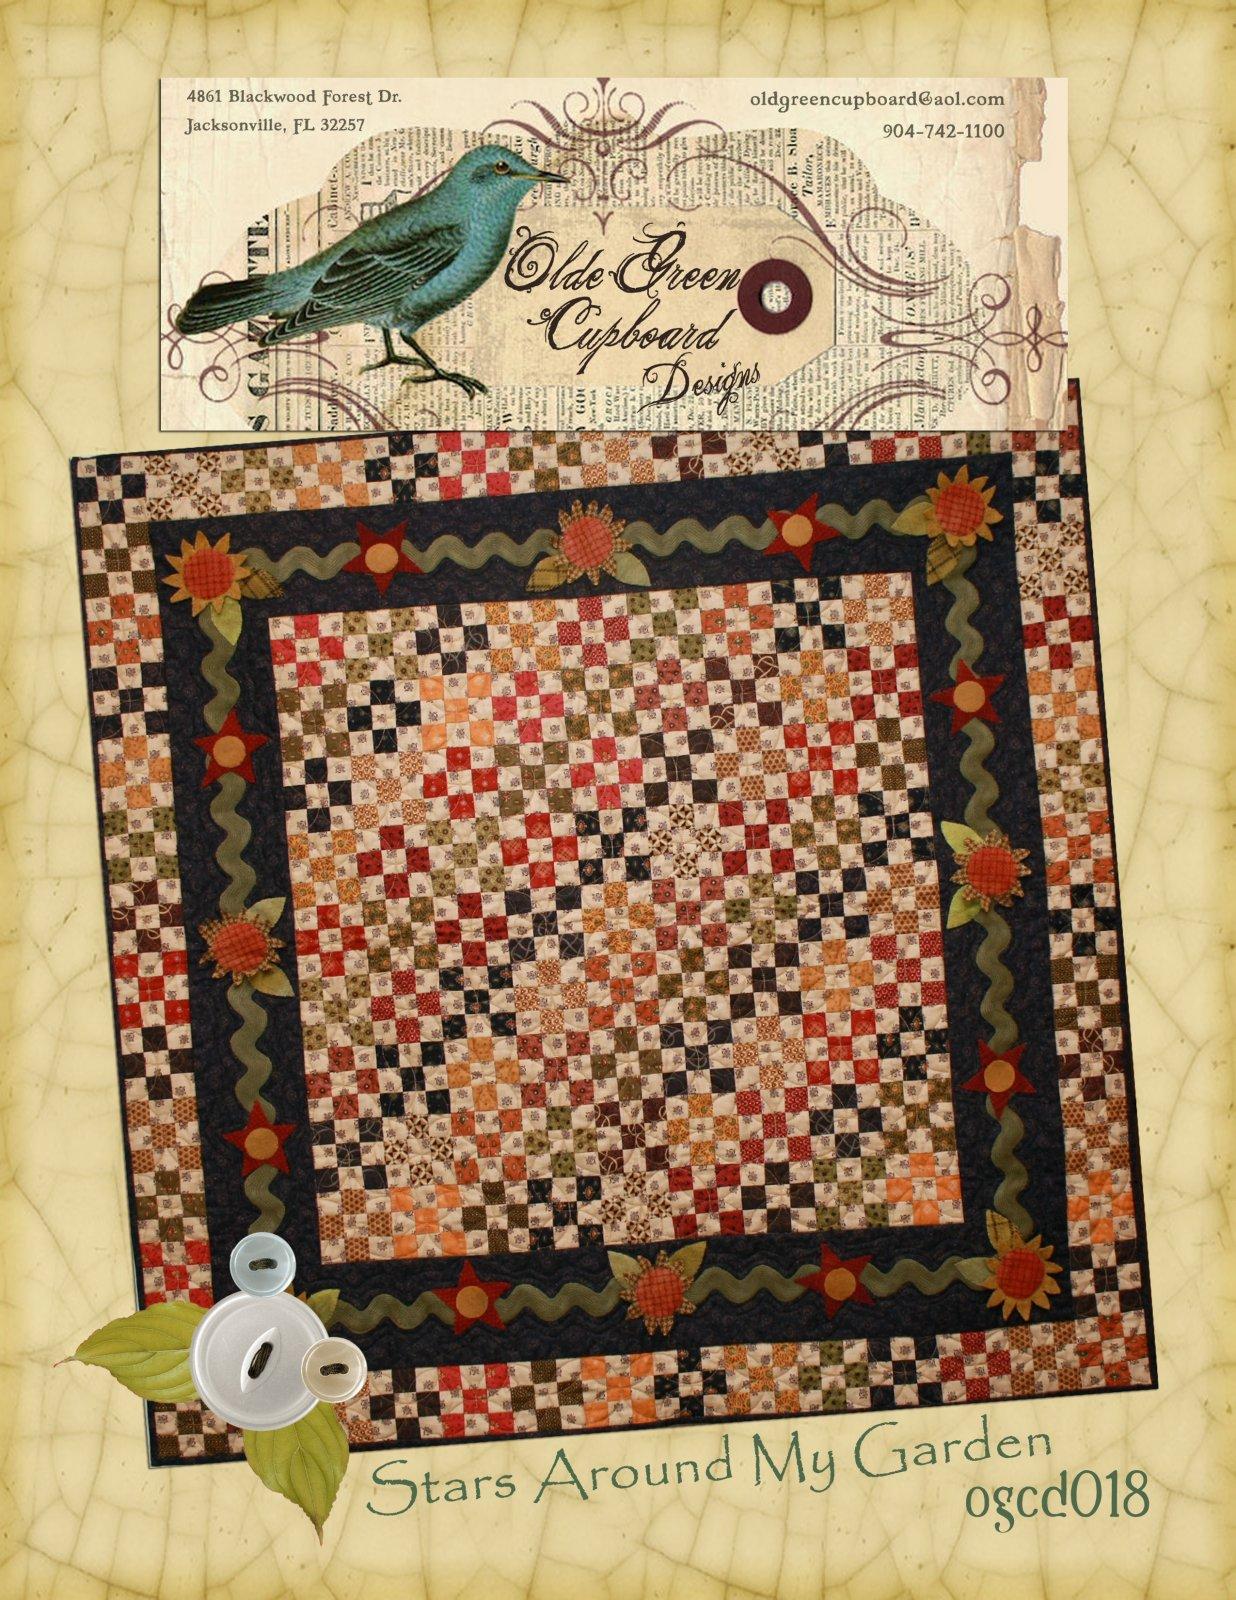 Stars Around My Garden Quilt Pattern - OGCD018